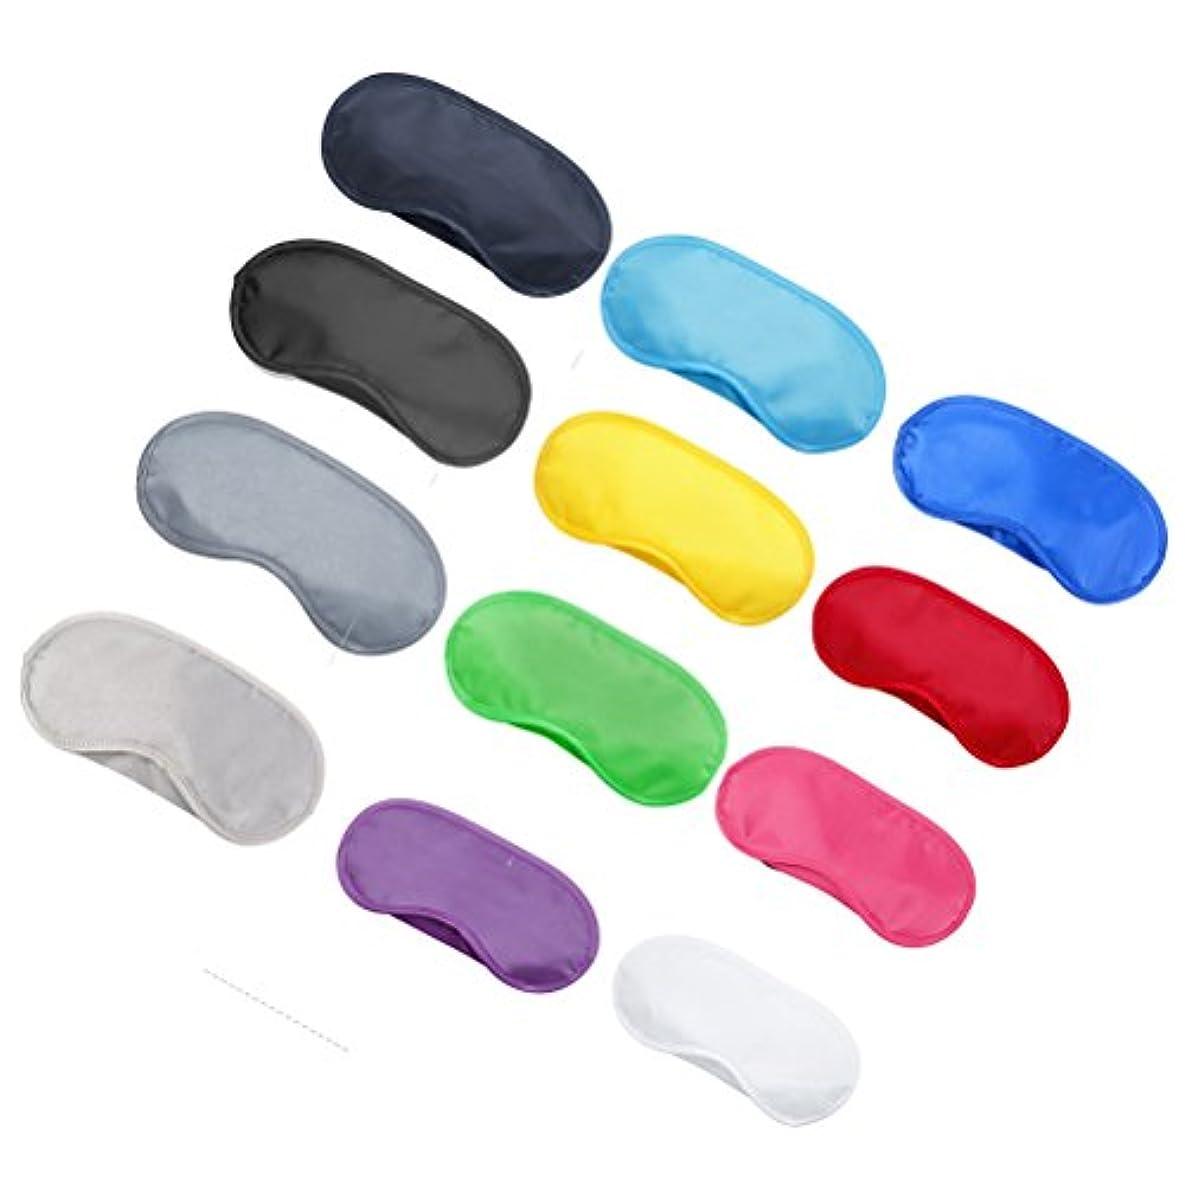 体操連続した十分にSUPVOX 旅行作業瞑想のためのアイパッチアイシェードカバーを眠っている12本の多色アイマスク